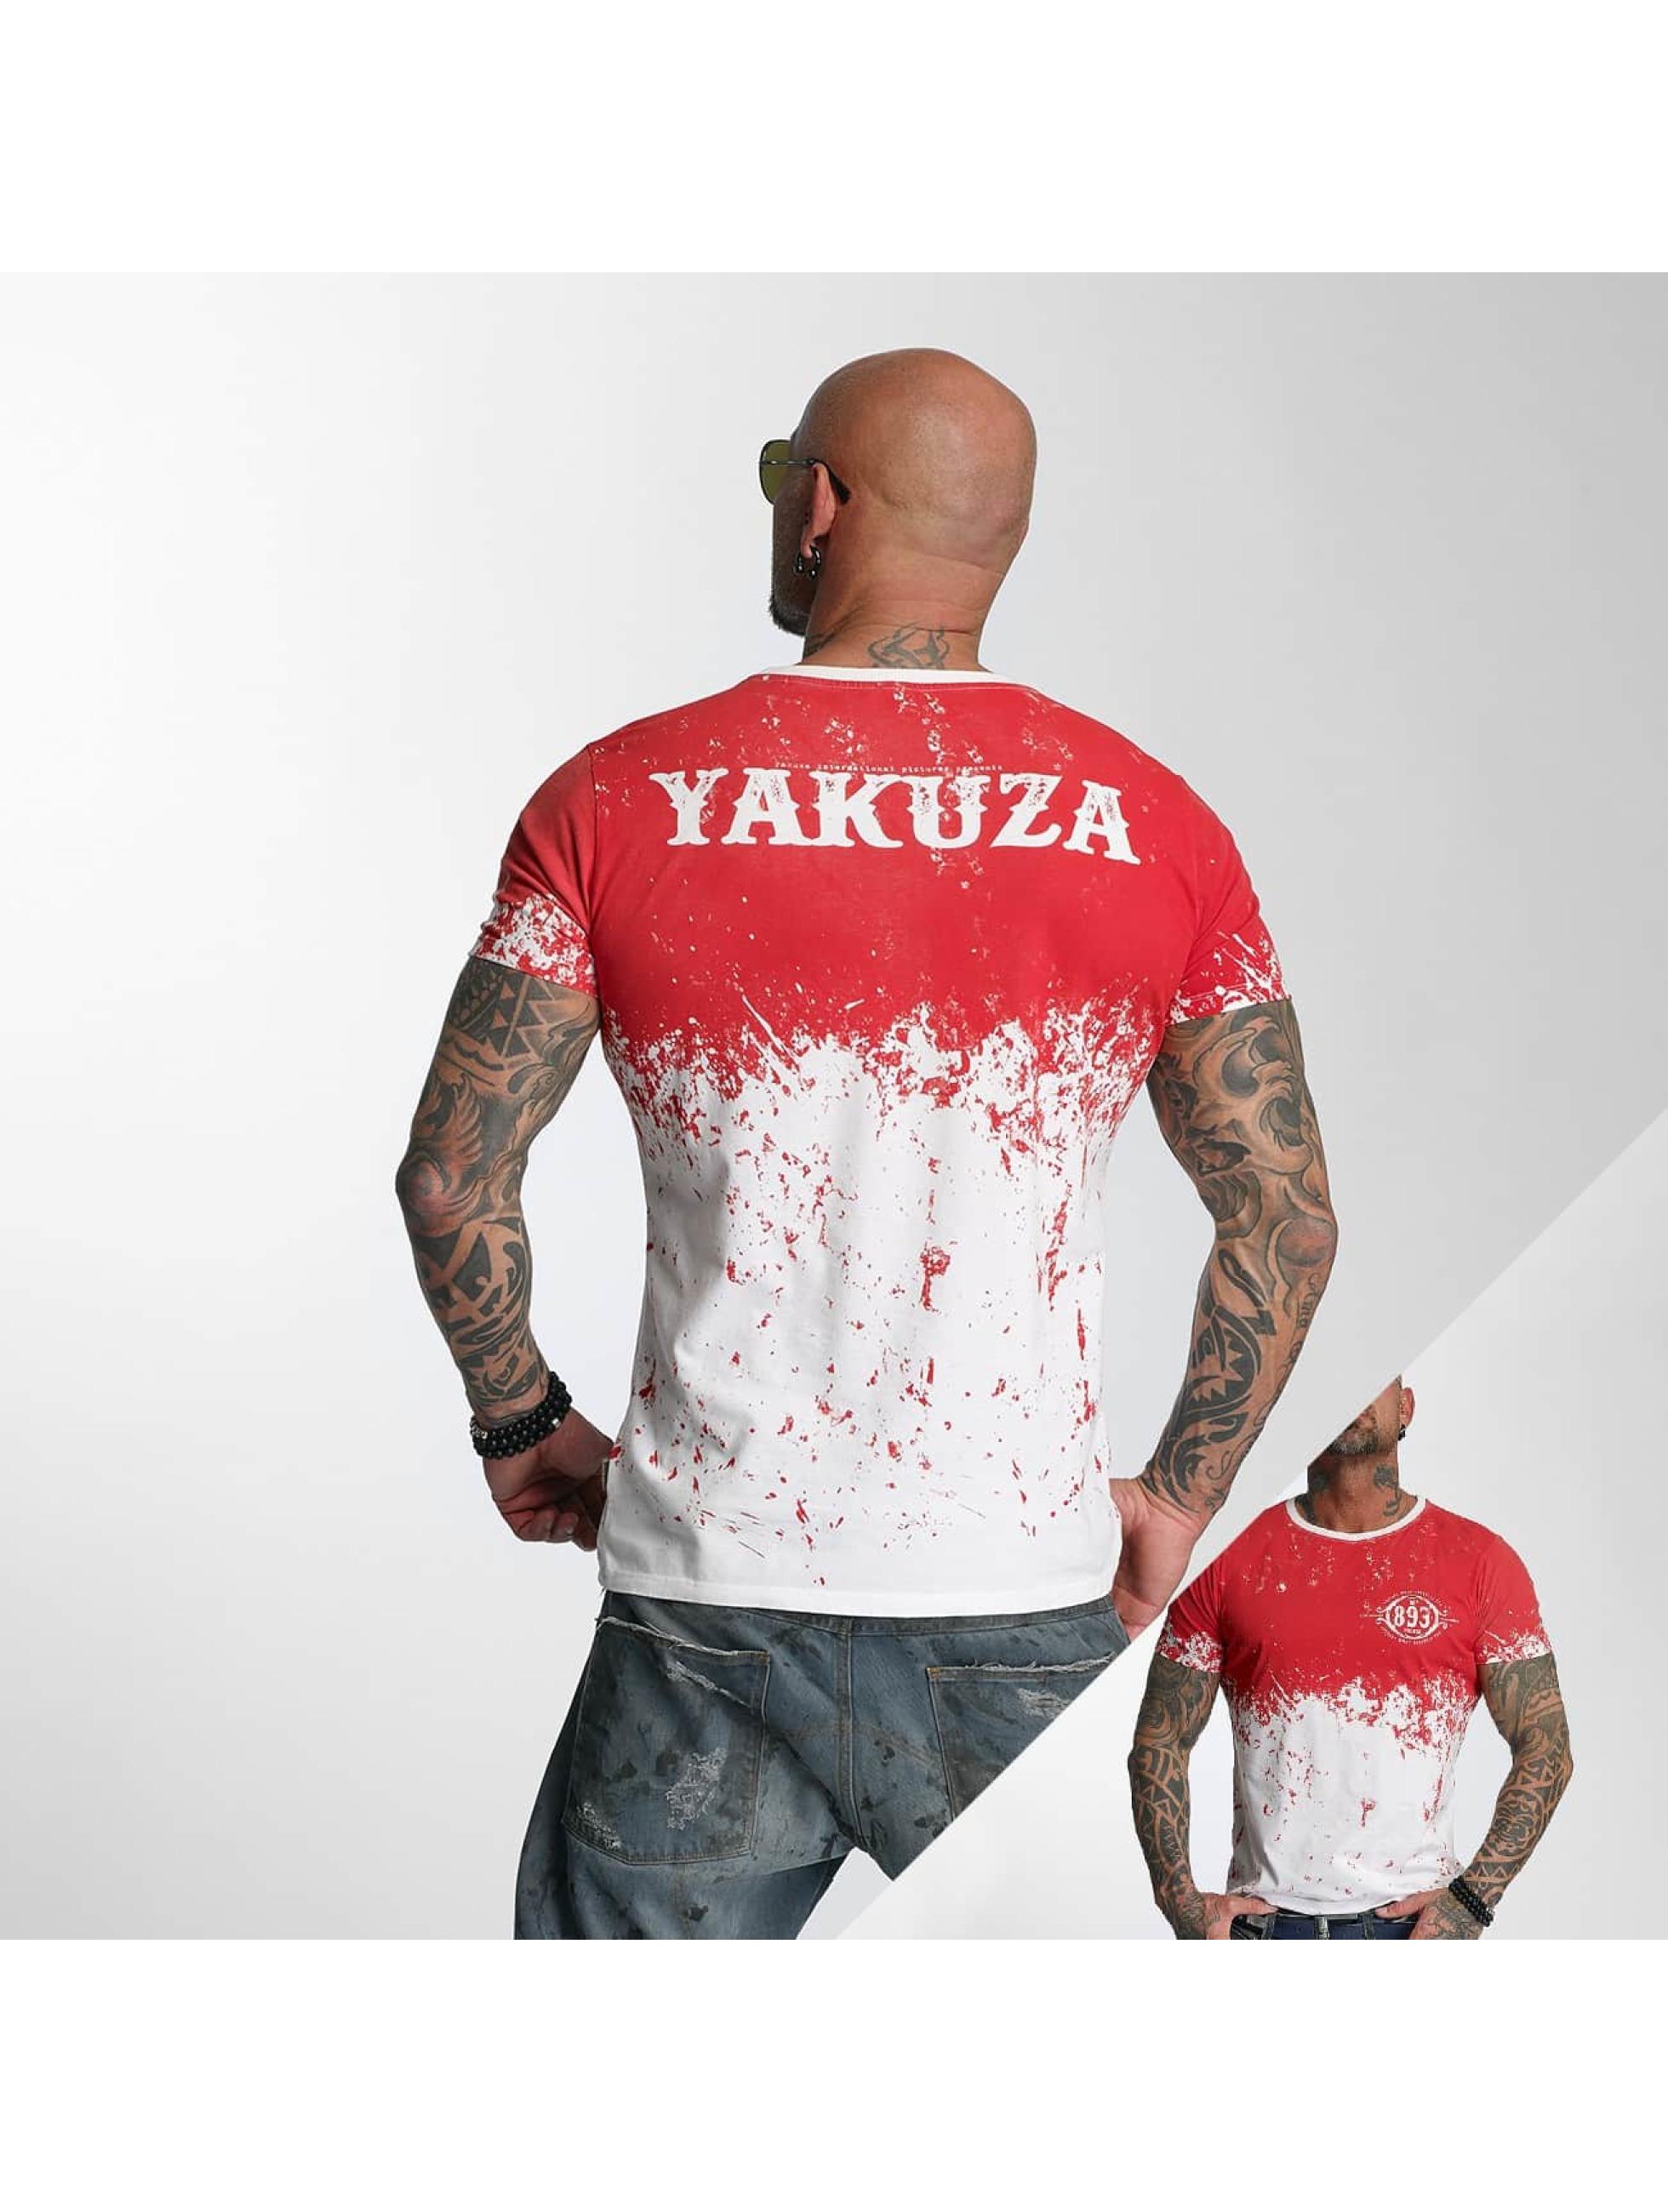 Yakuza T-Shirt Splatter white